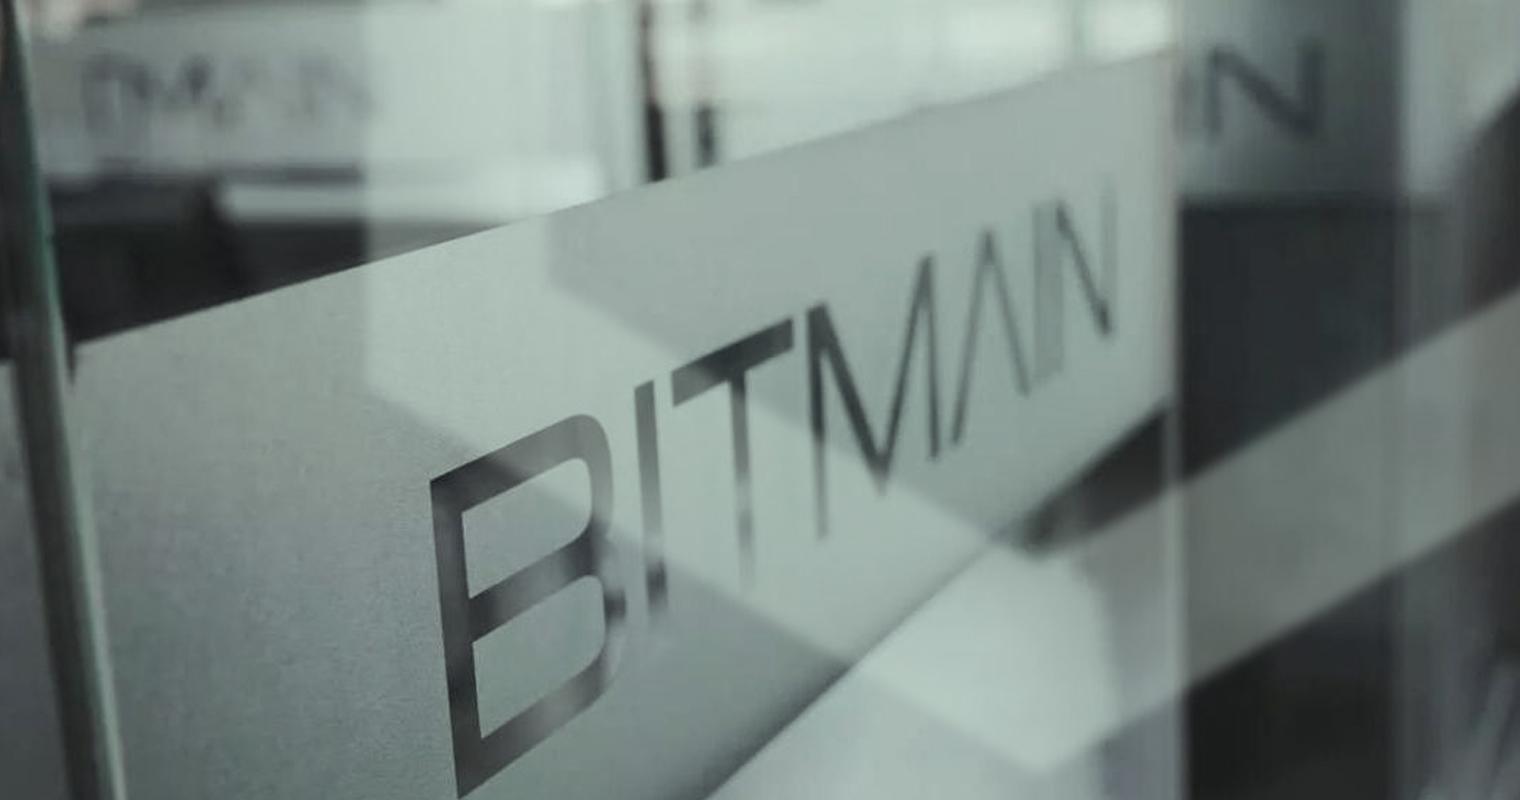 Bullish Bitcoin Rekindles Hope at Bitmain, an IPO Plan May Be in Works